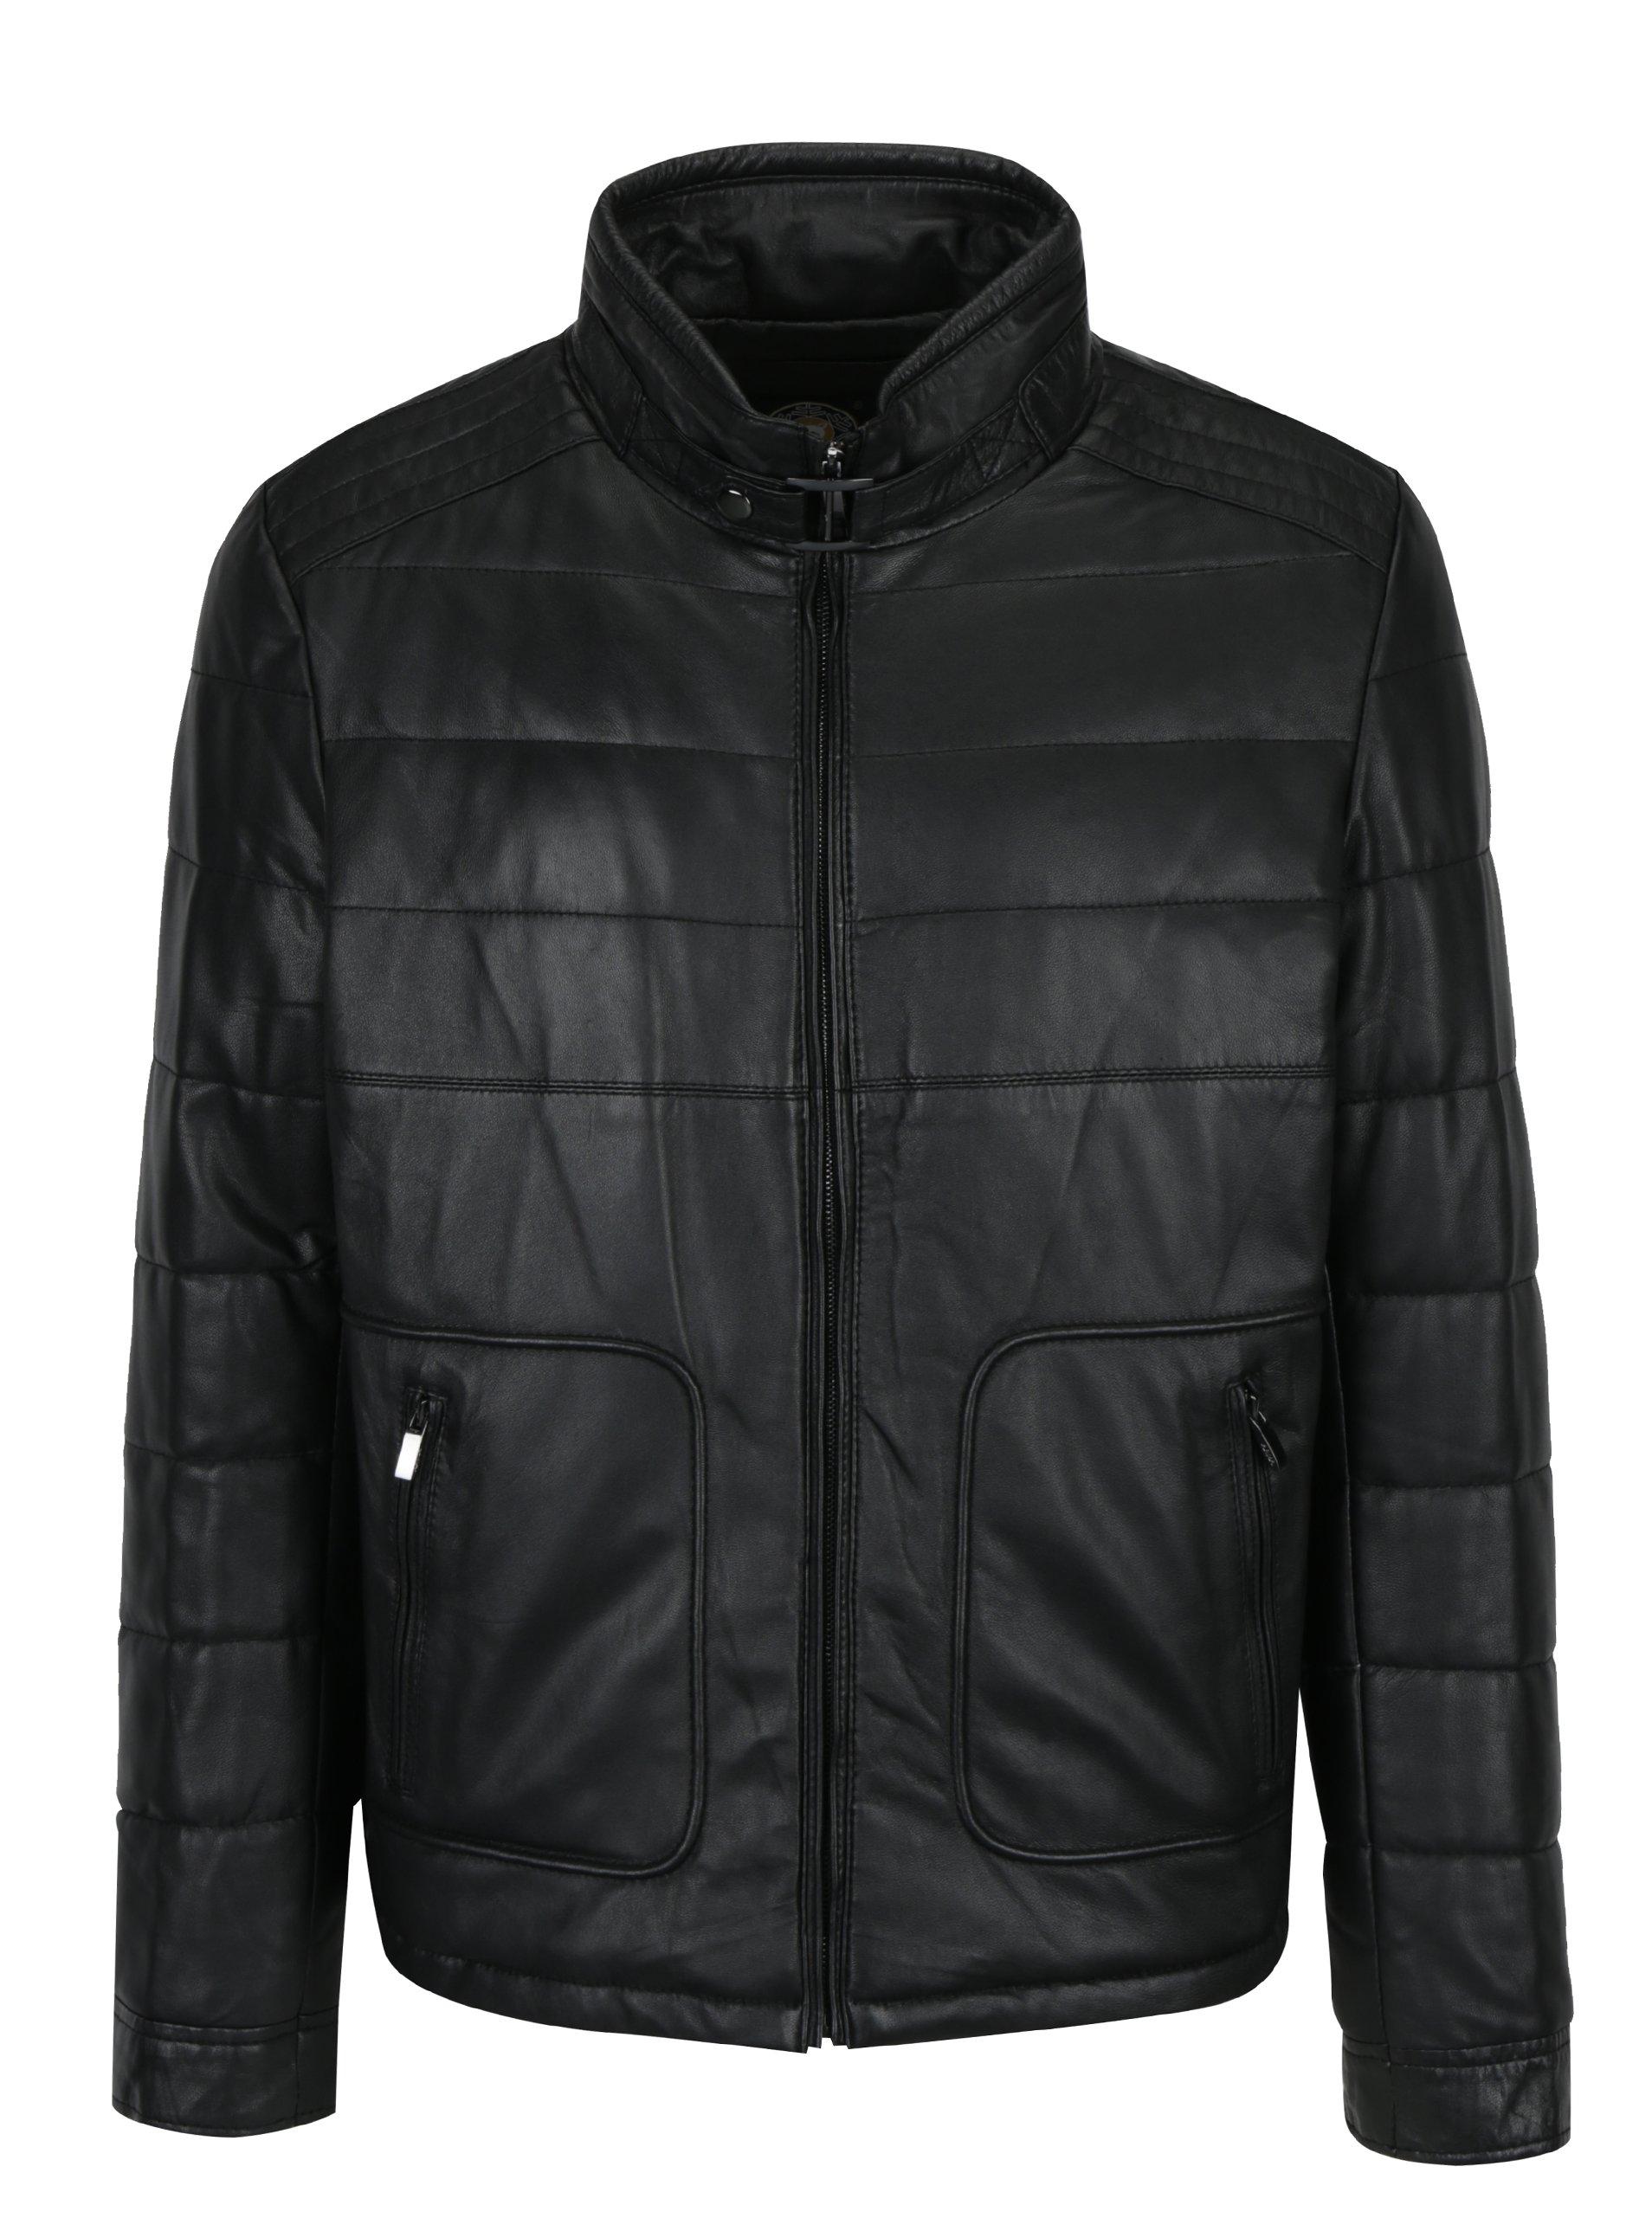 Černá pánská prošívaná kožená bunda KARA Joe Armain